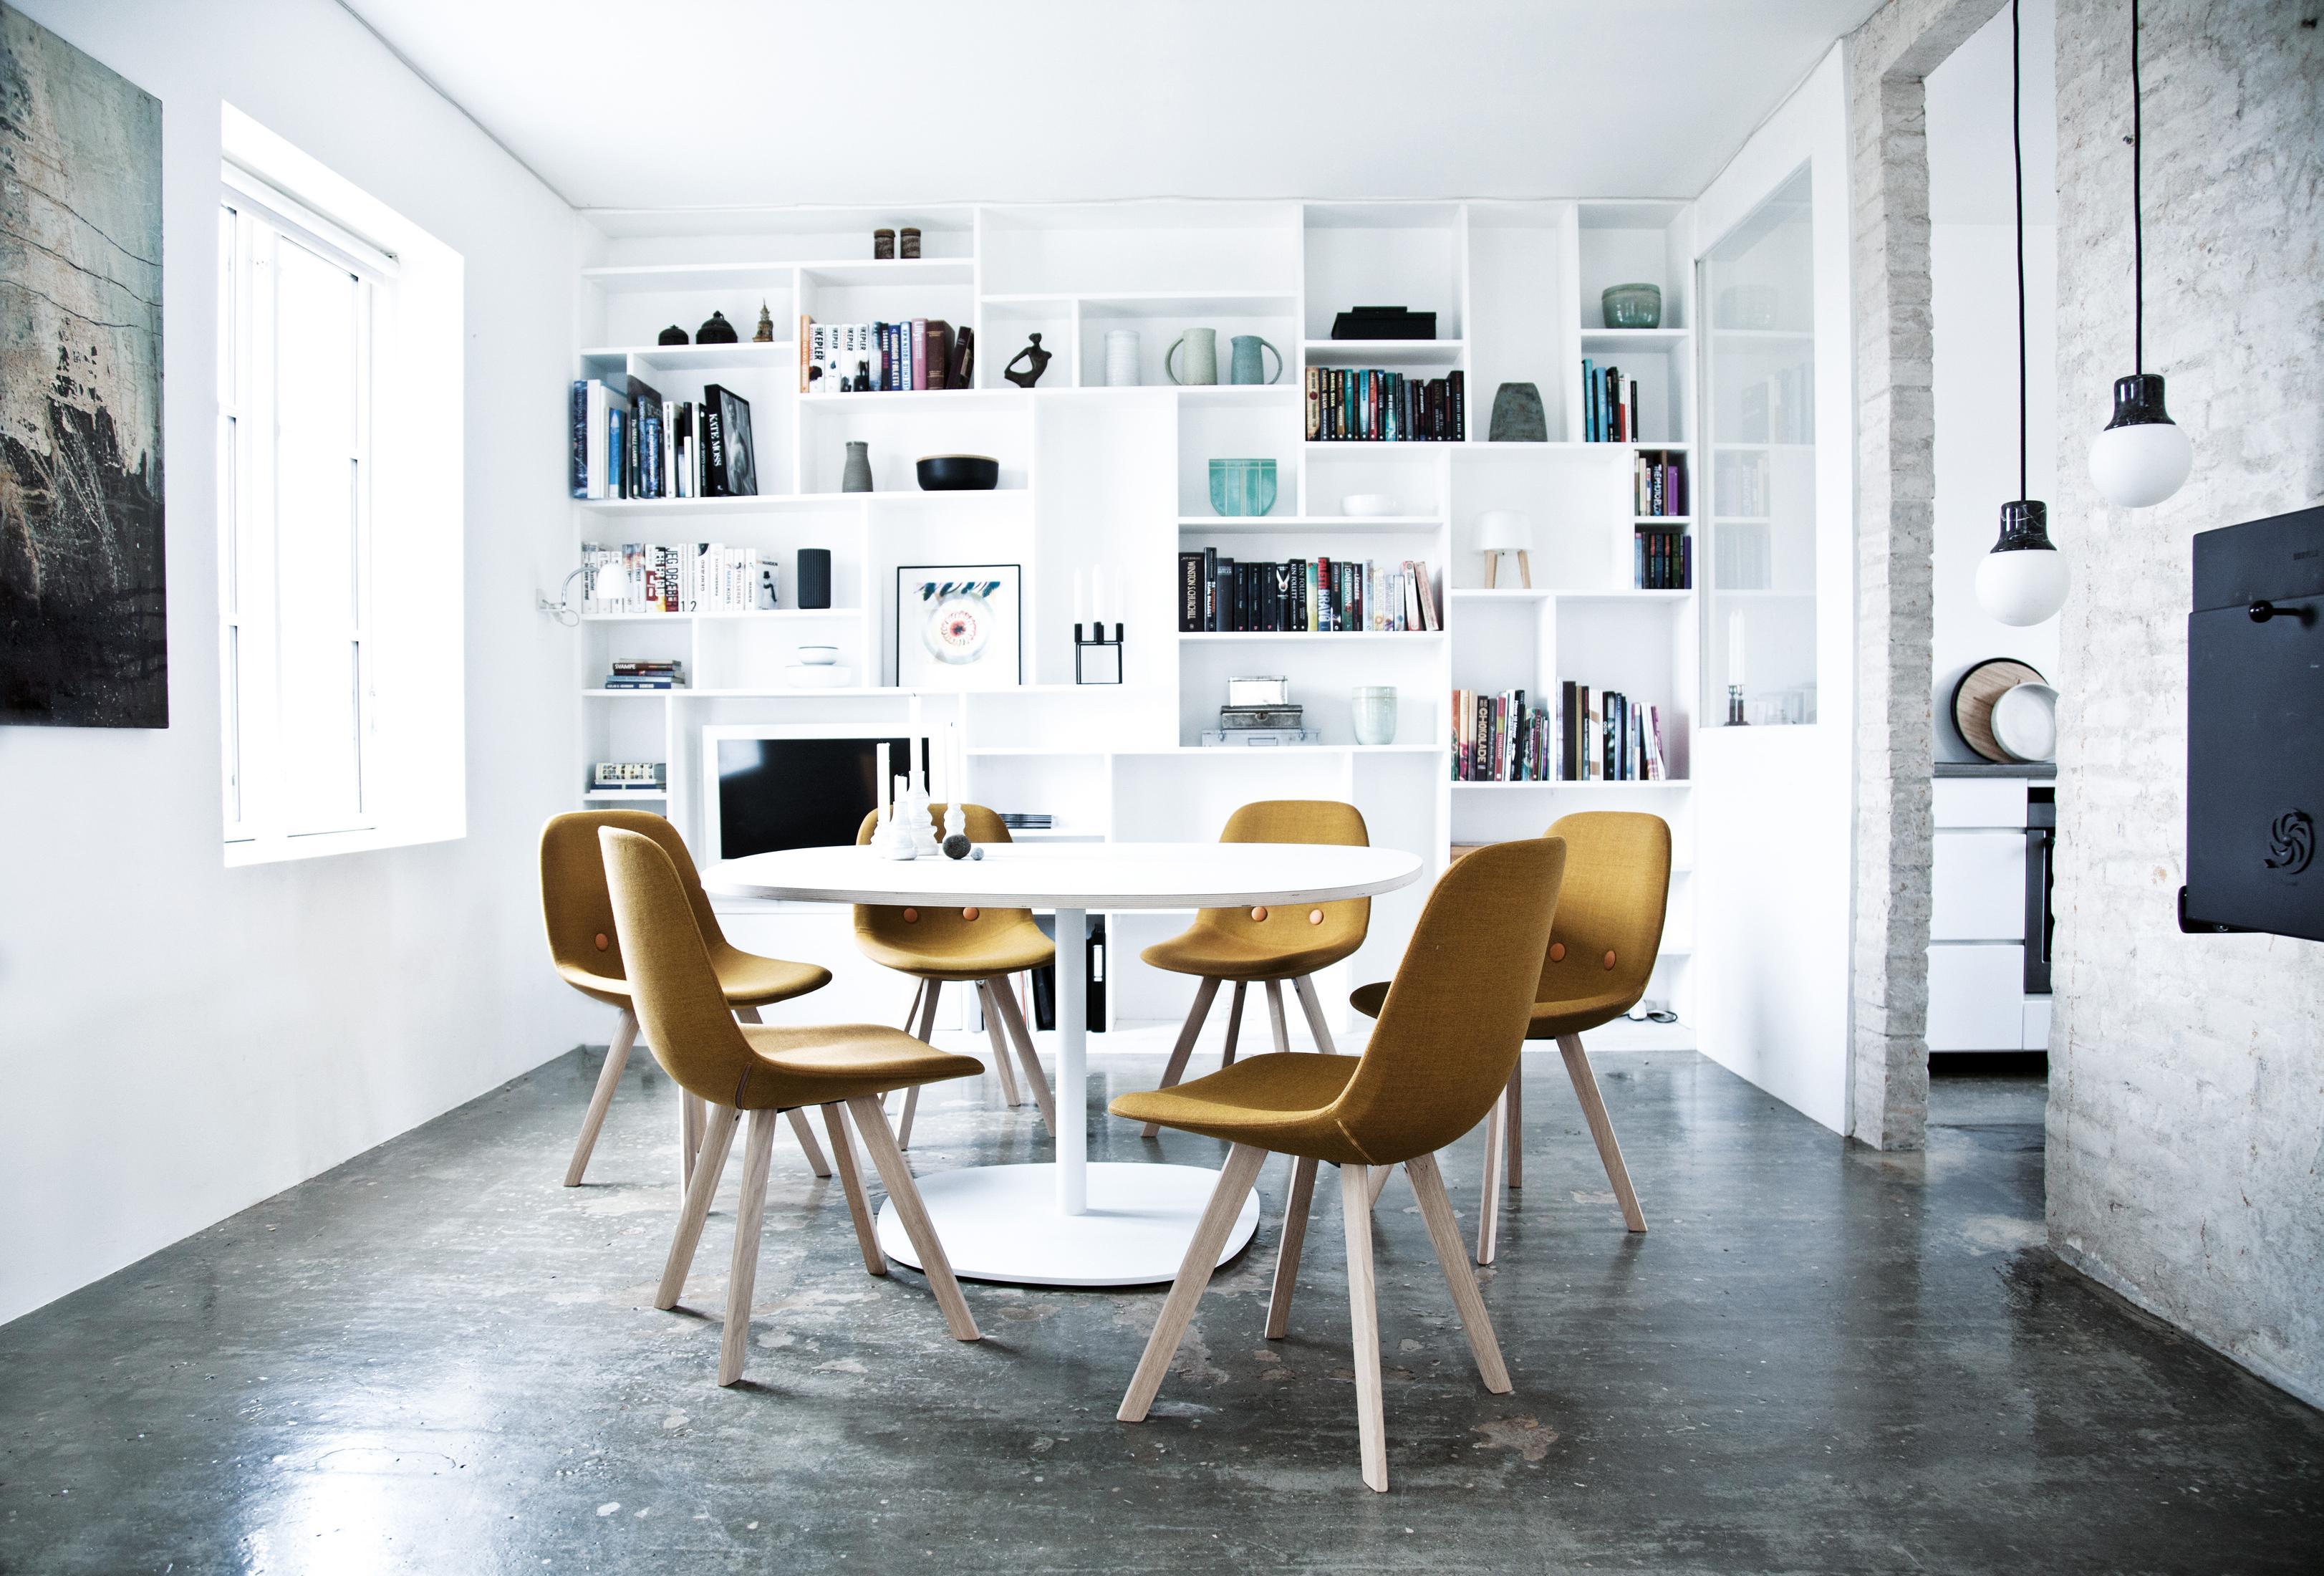 Rosafarbener Stuhl • Bilder & Ideen • COUCH